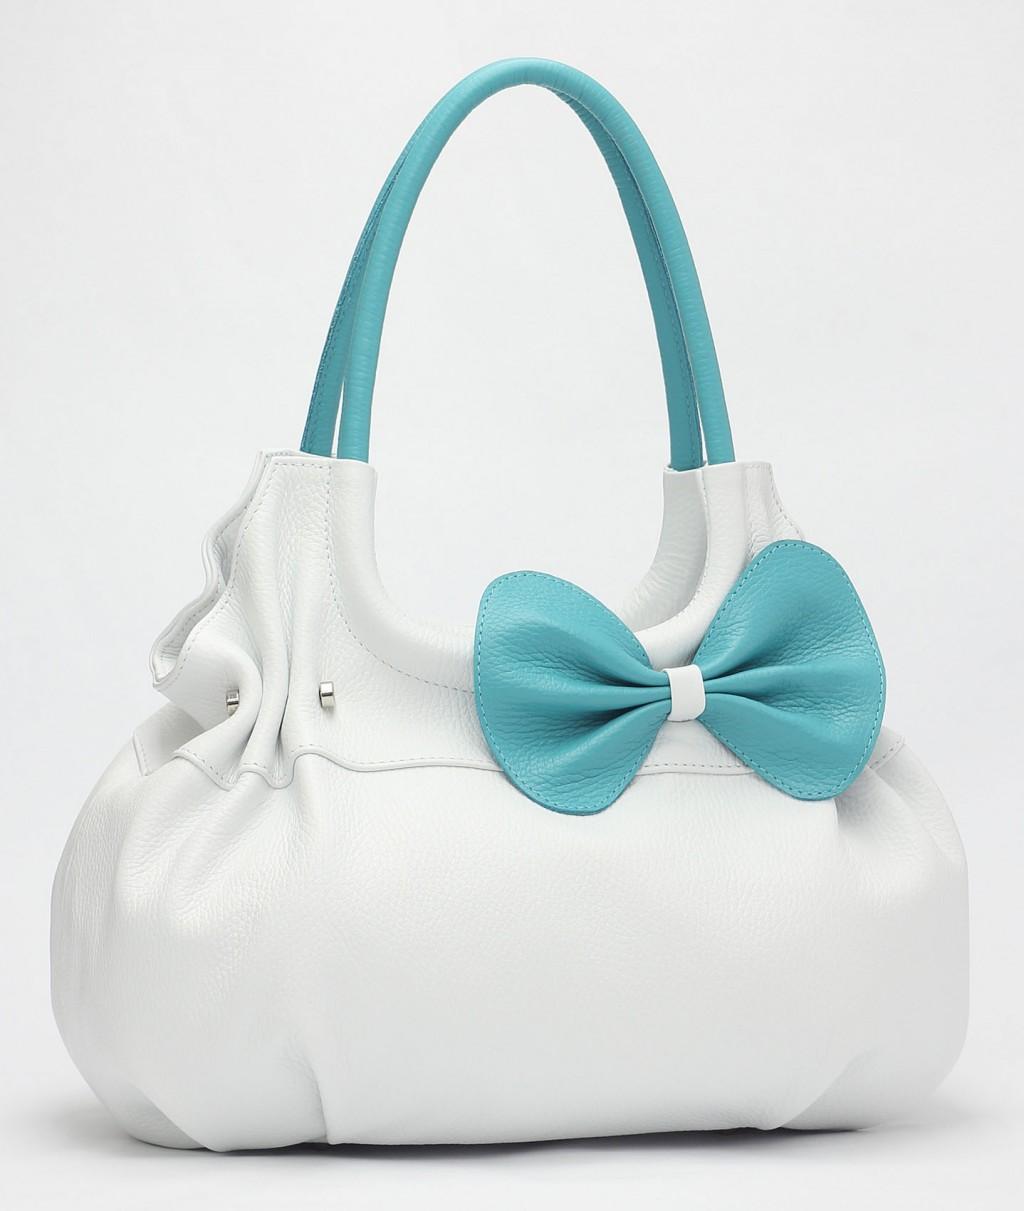 Сбор заказов. Alswa- шикарные сумки из натуральной кожи от Российского производителя Отличное качество.Цены радуют